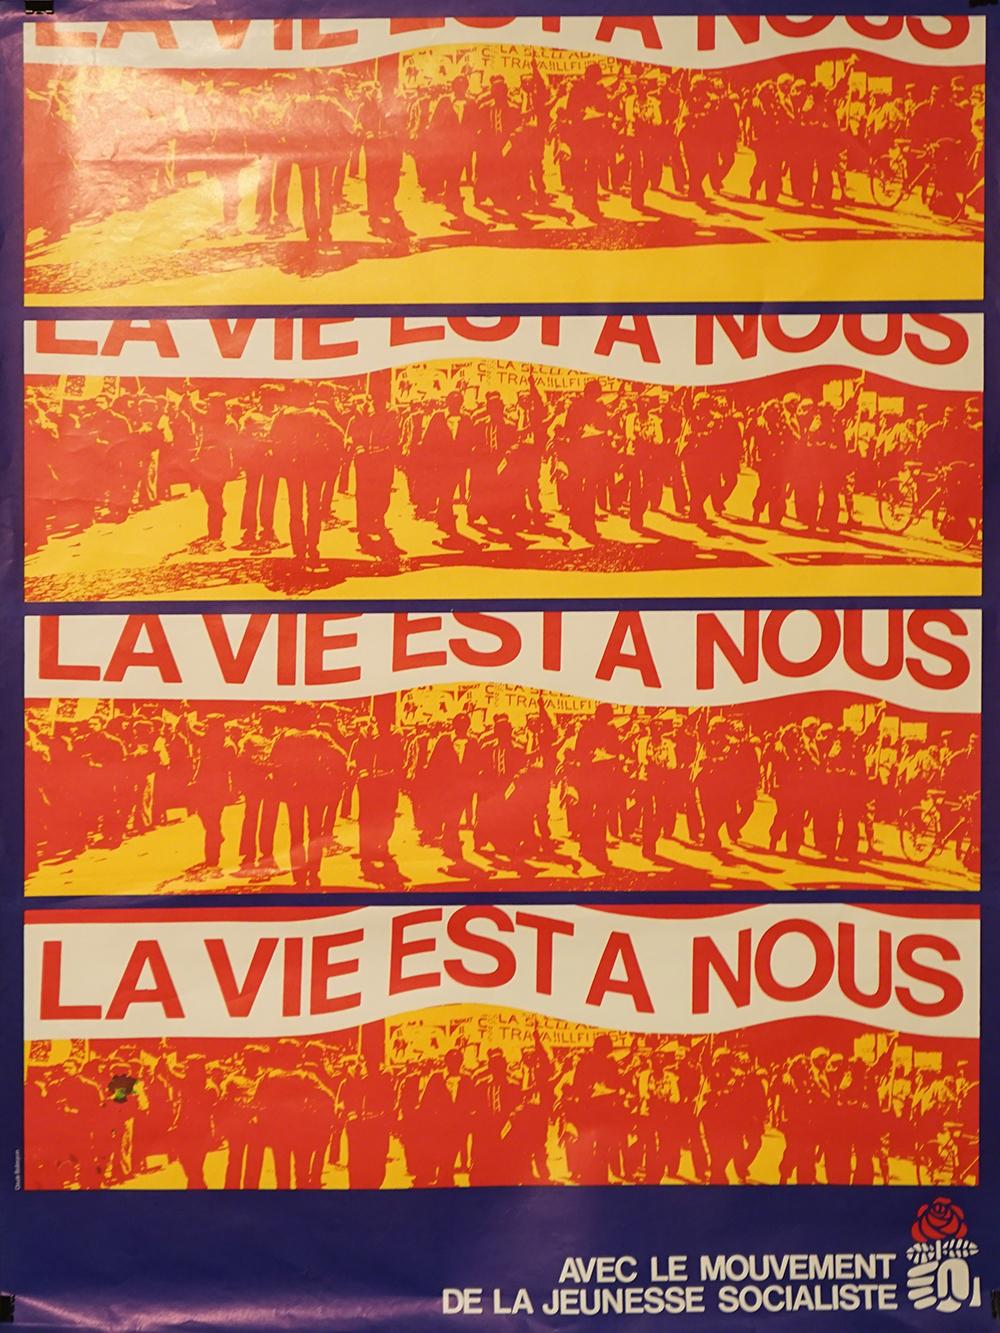 c-baillargeon-1985-la-vie-est-a-nous-web.jpg